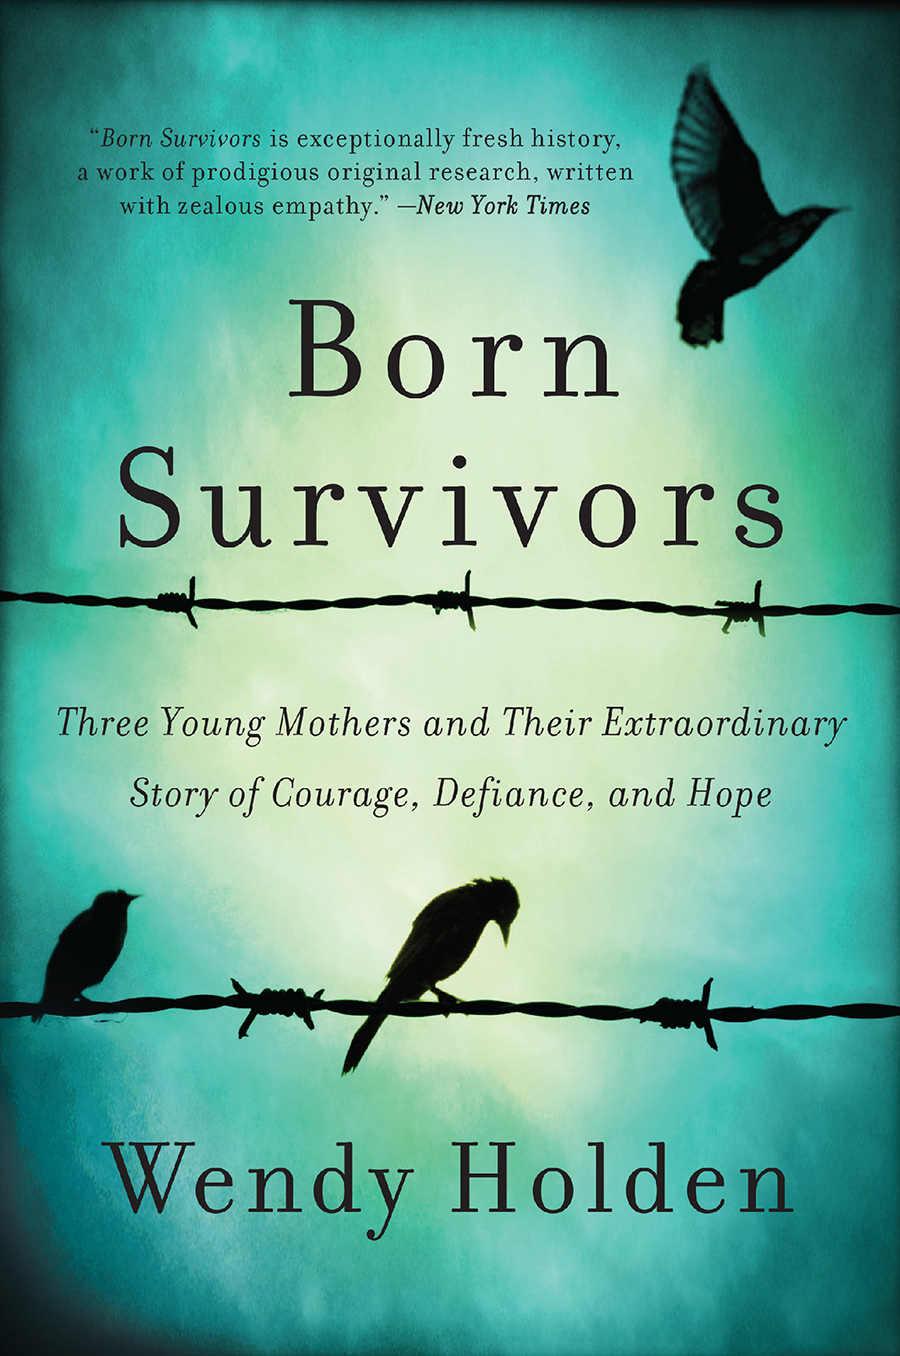 Born Survivors - Wendy Holden [kindle] [mobi]